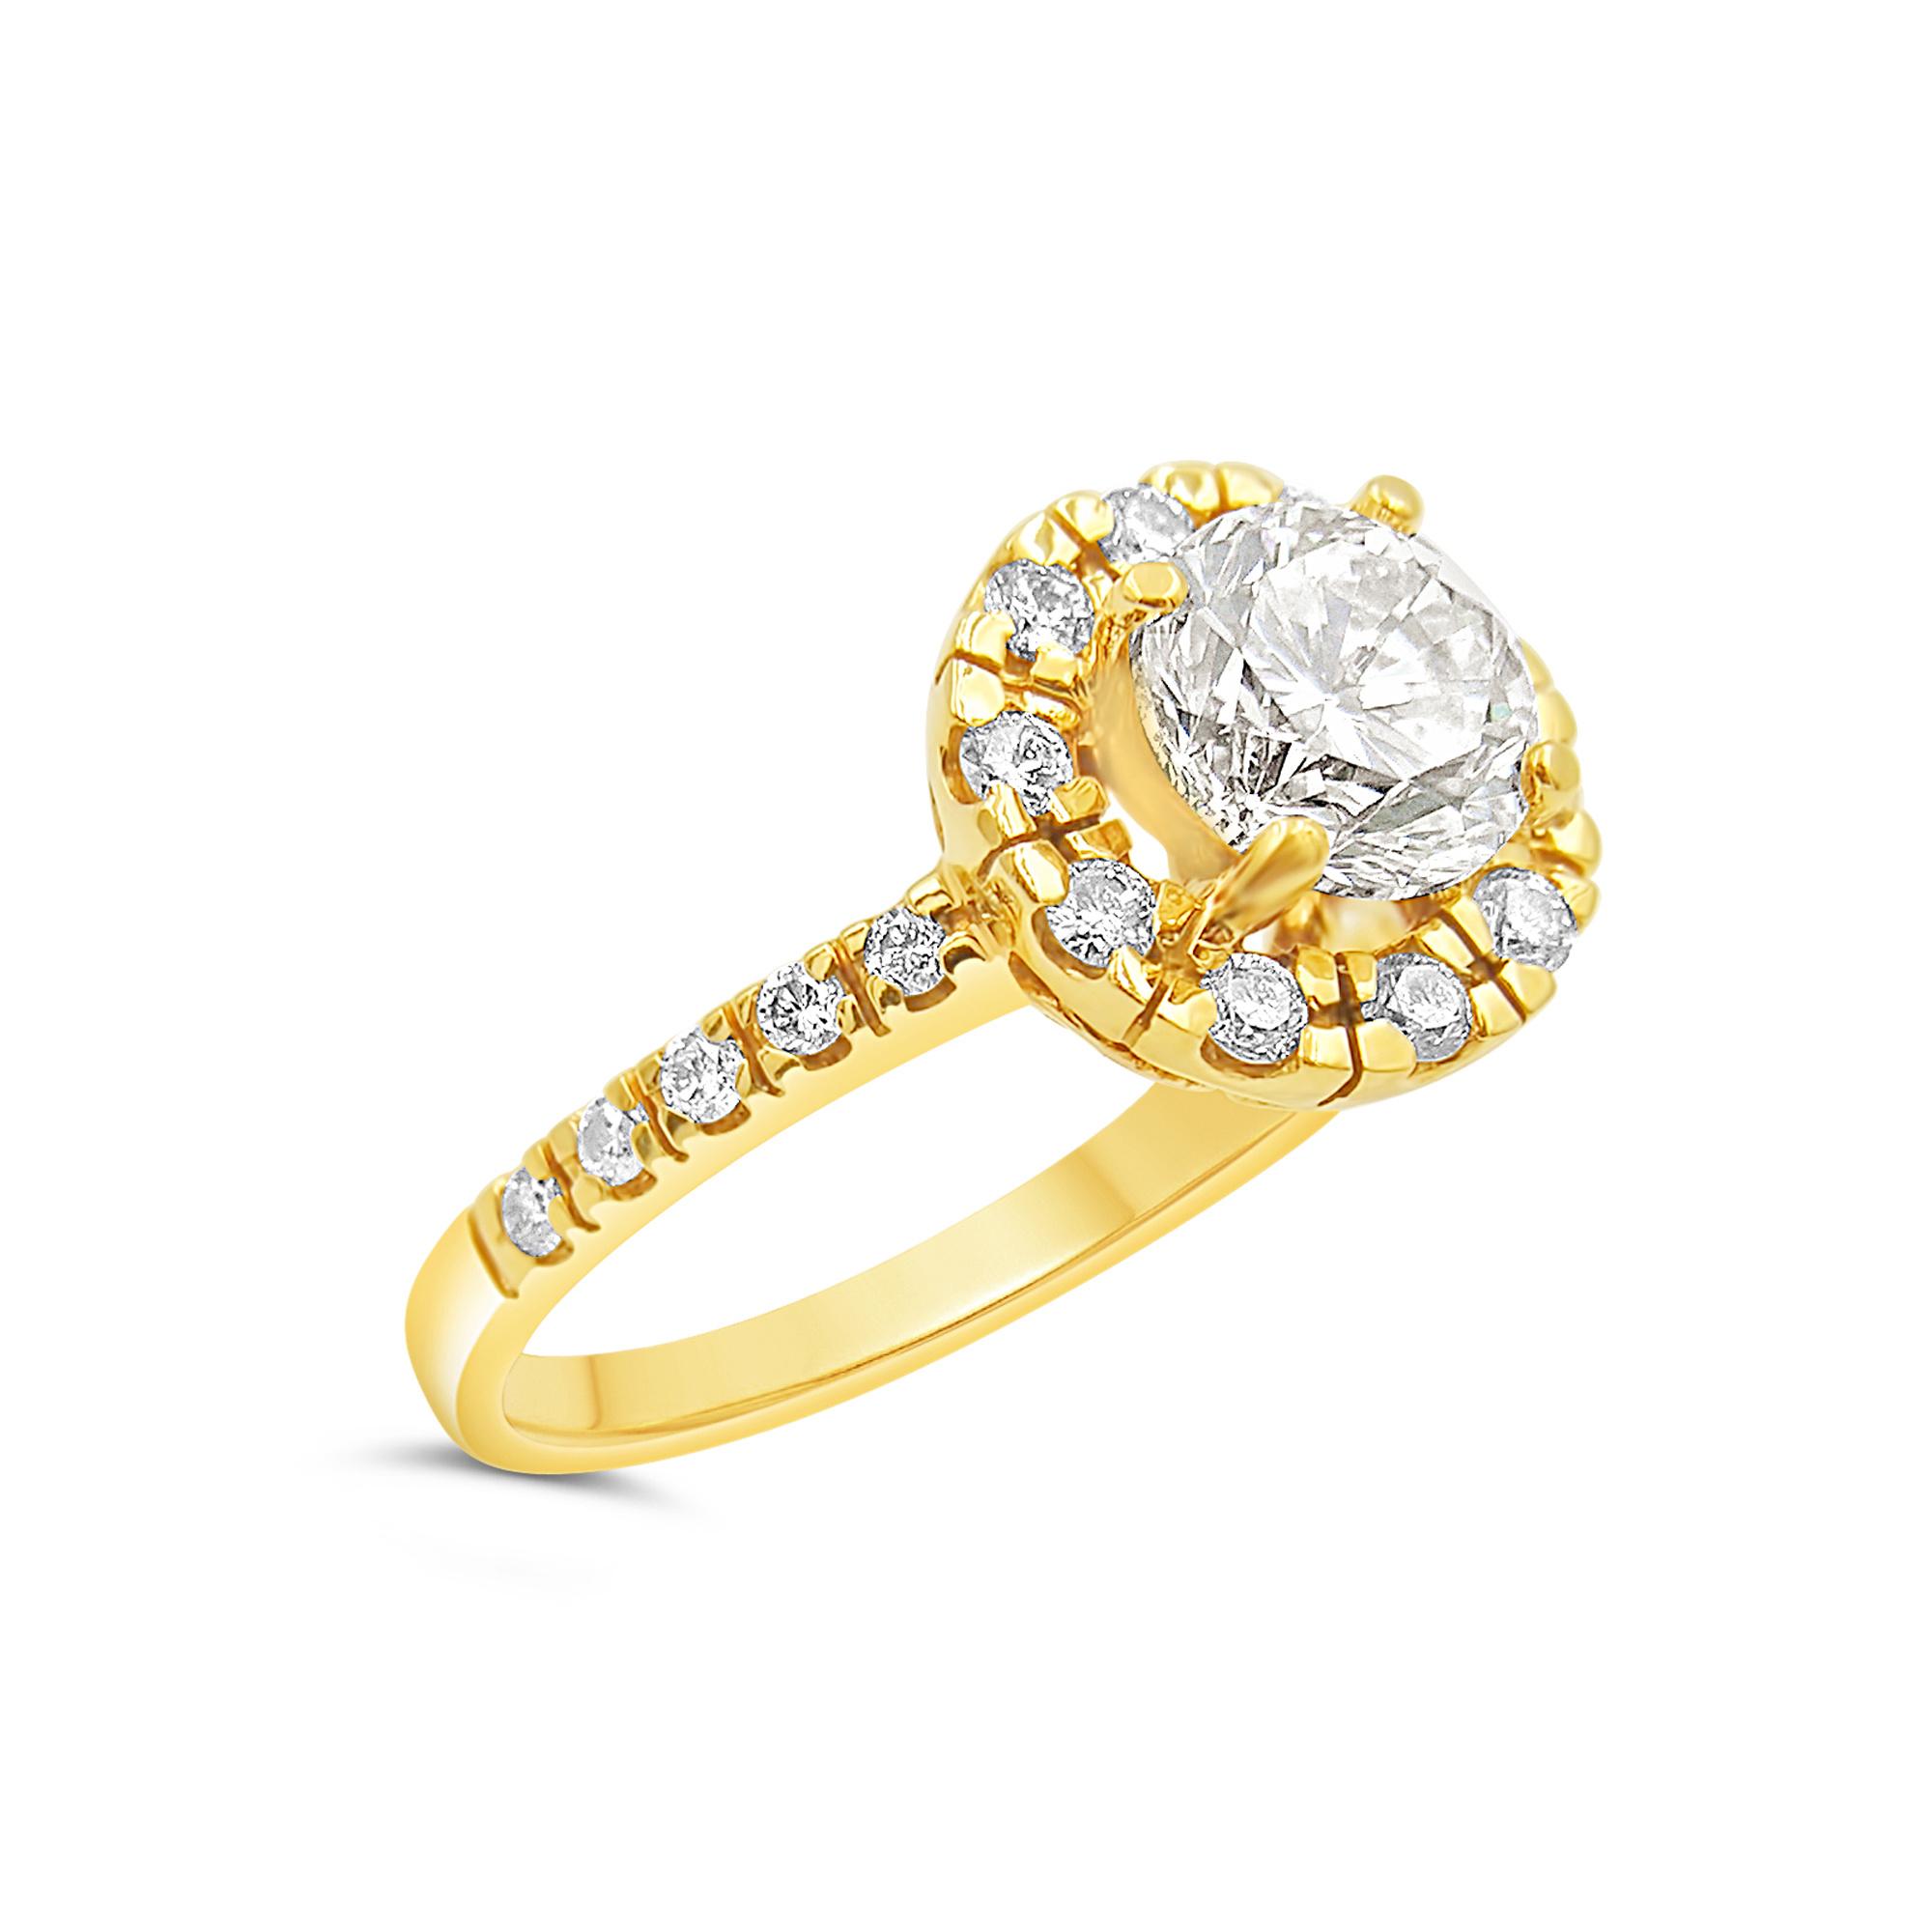 18kt geel goud verlovingsring met 1.99 ct diamanten